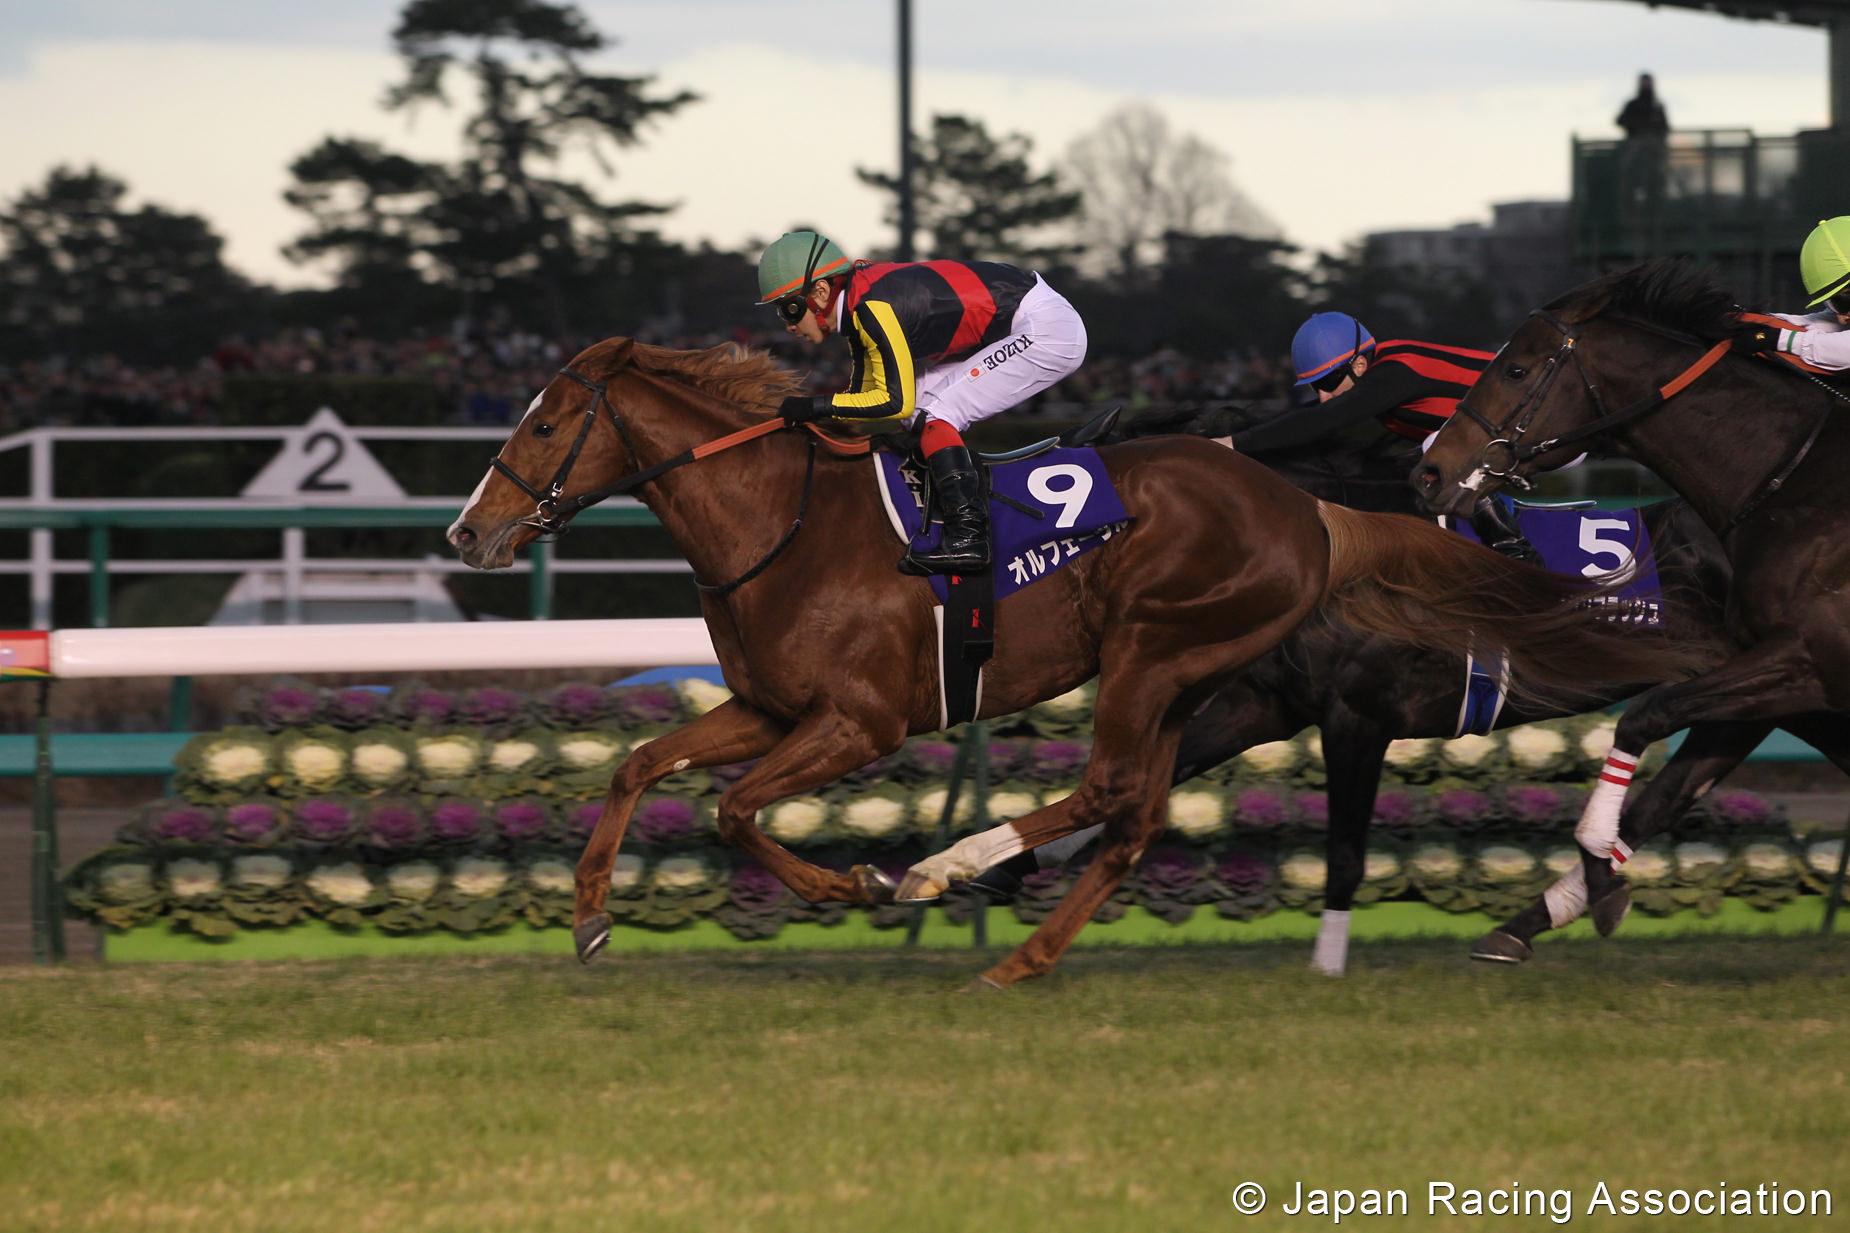 オルフェーヴルが有馬記念を制覇。4冠で2011年を締めくくる © JRA